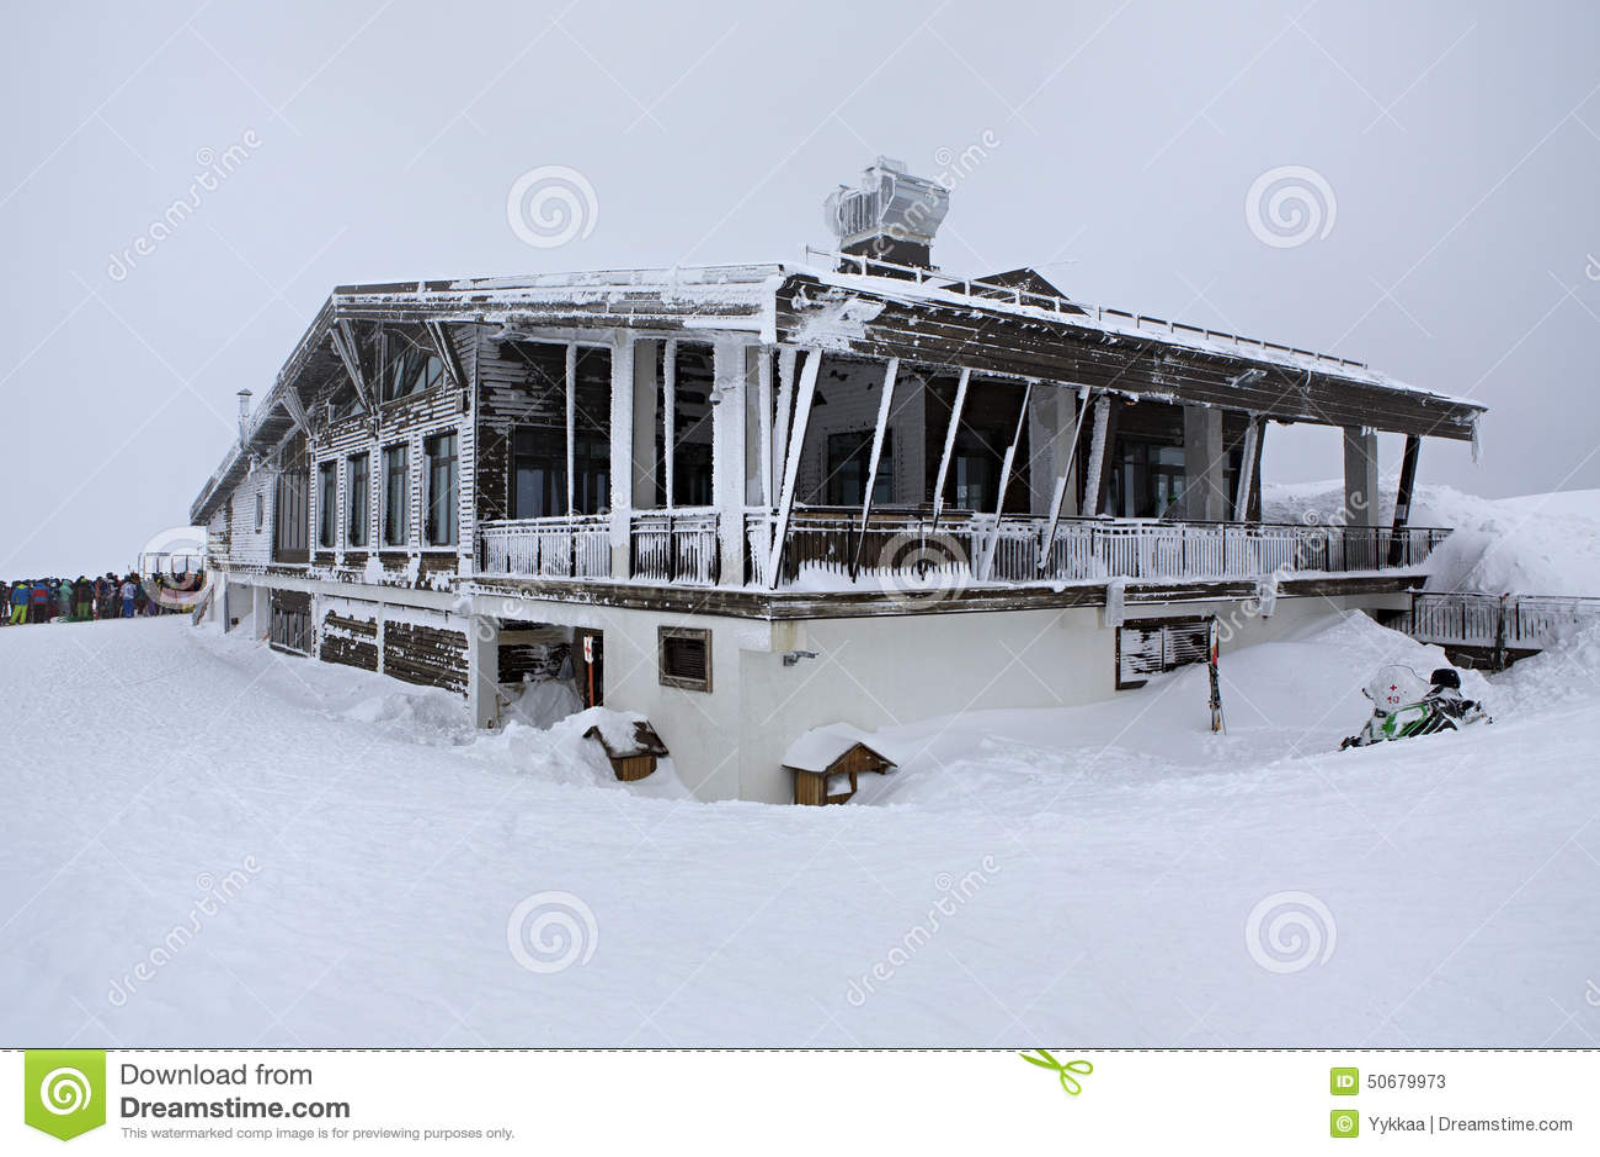 Download 餐馆高度2320米 编辑类库存照片. 图片 包括有 俄国, 布琼布拉, 拱道, 旅馆, 旅游业, 体育运动 - 50679973